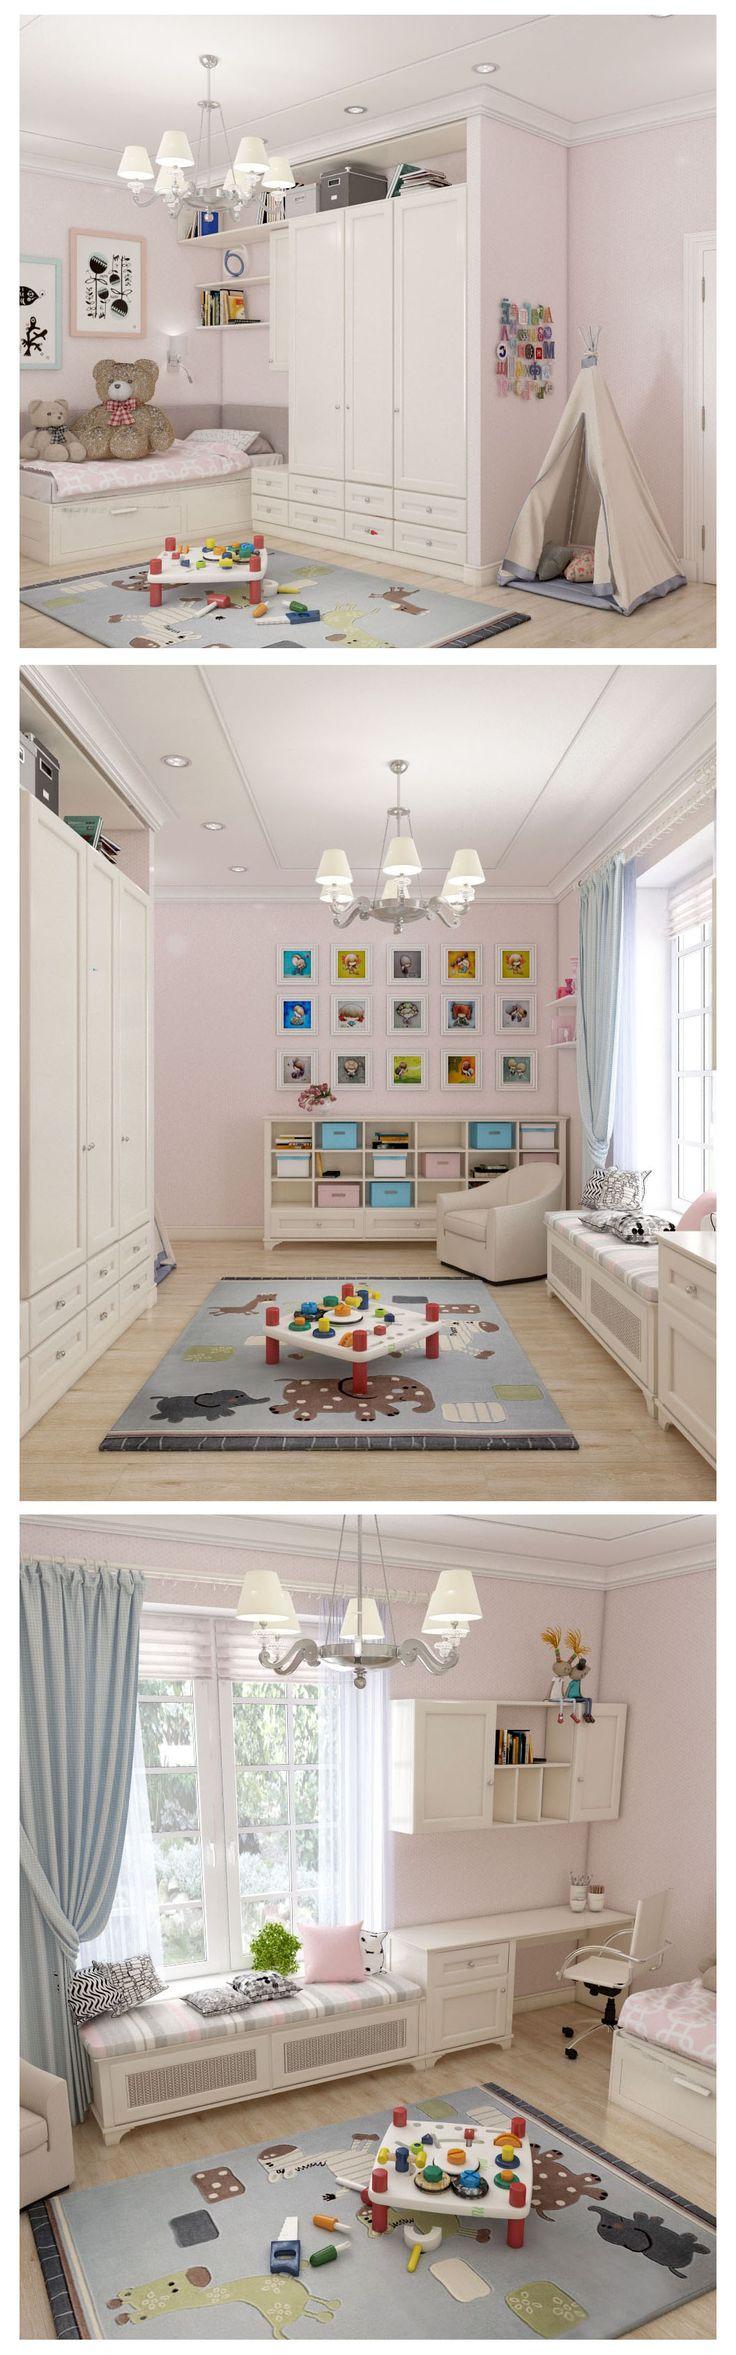 Children's room, детская комната для девочки, сочетание розовых и голубых оттенков, американский стиль